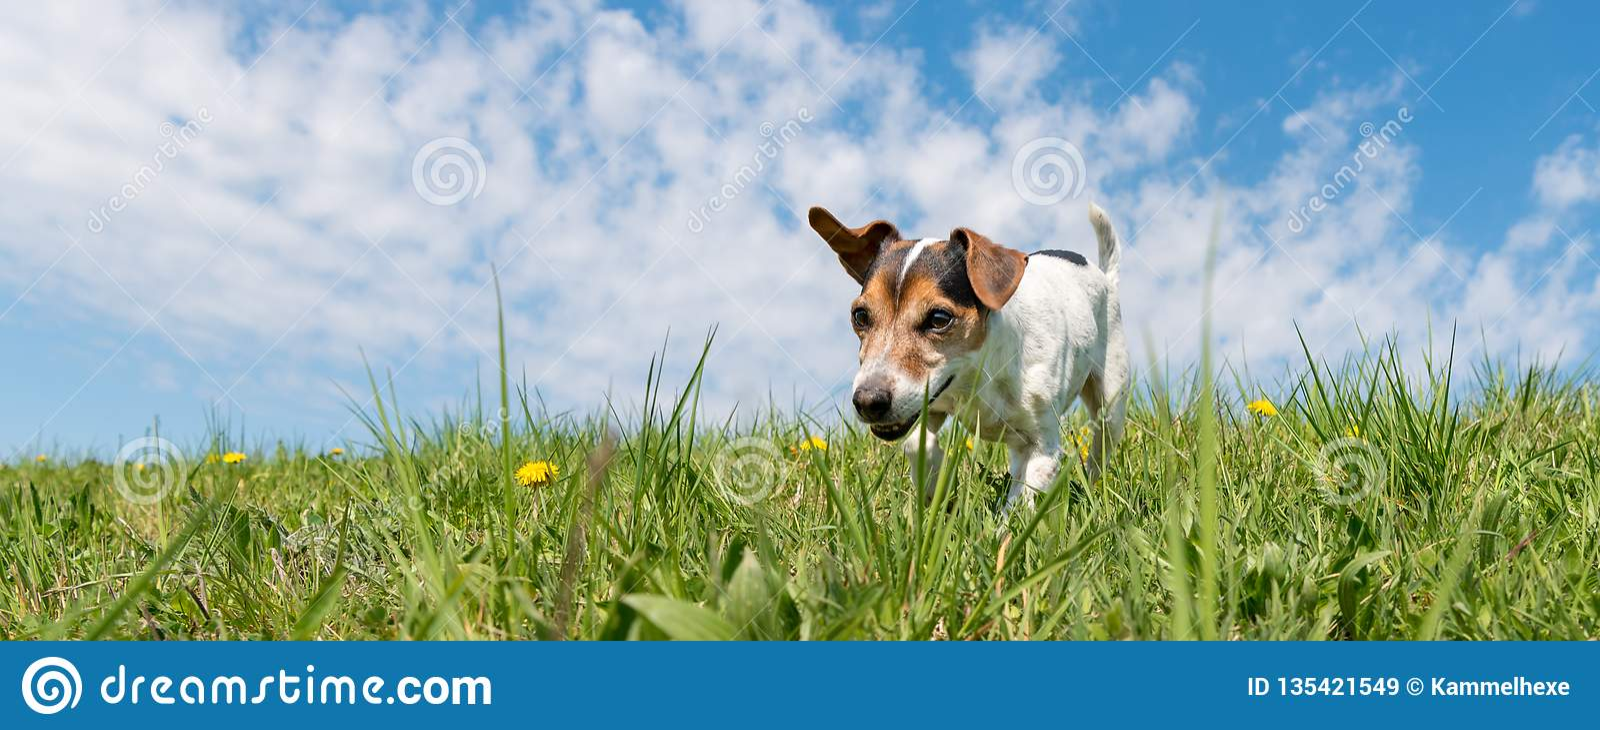 Chien de Jack Russell Terrier sur un pré devant le ciel bleu